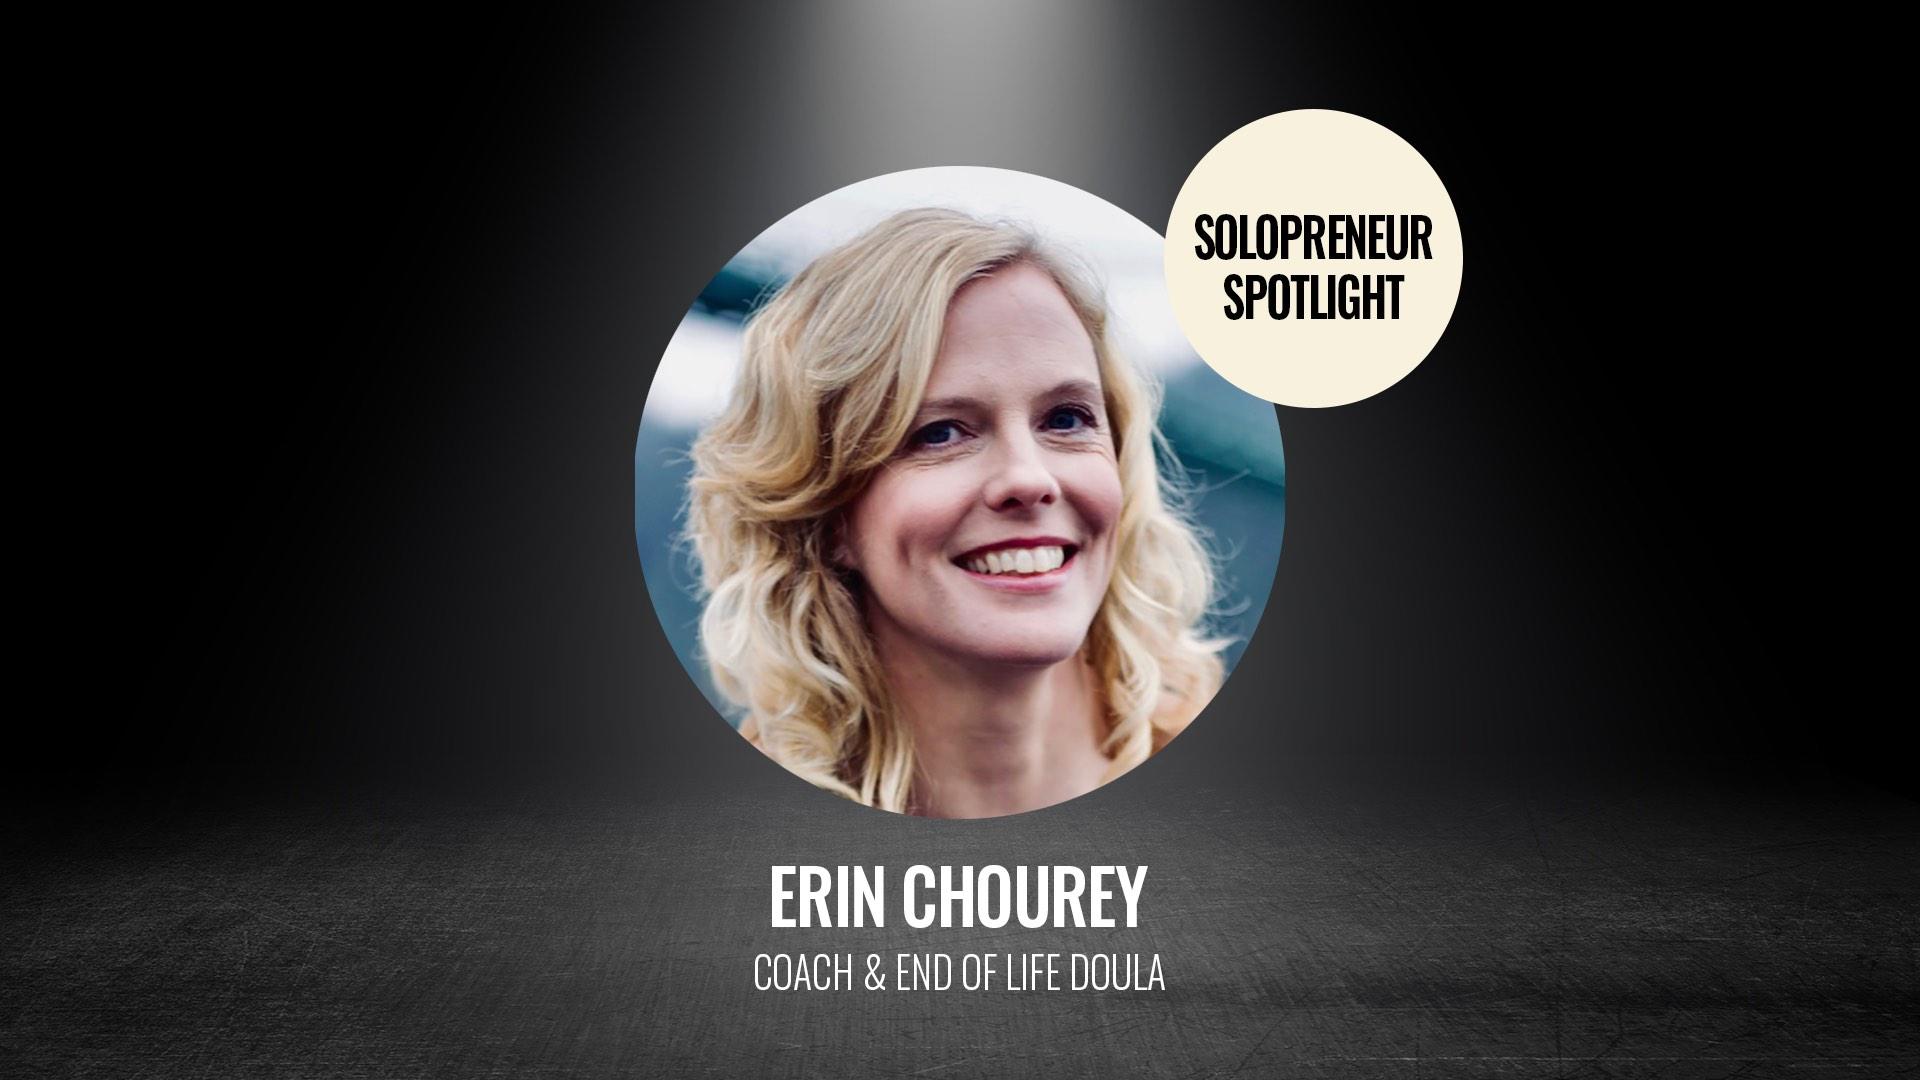 Brand Genie client Erin Chourey Soloprenuer Spotlight